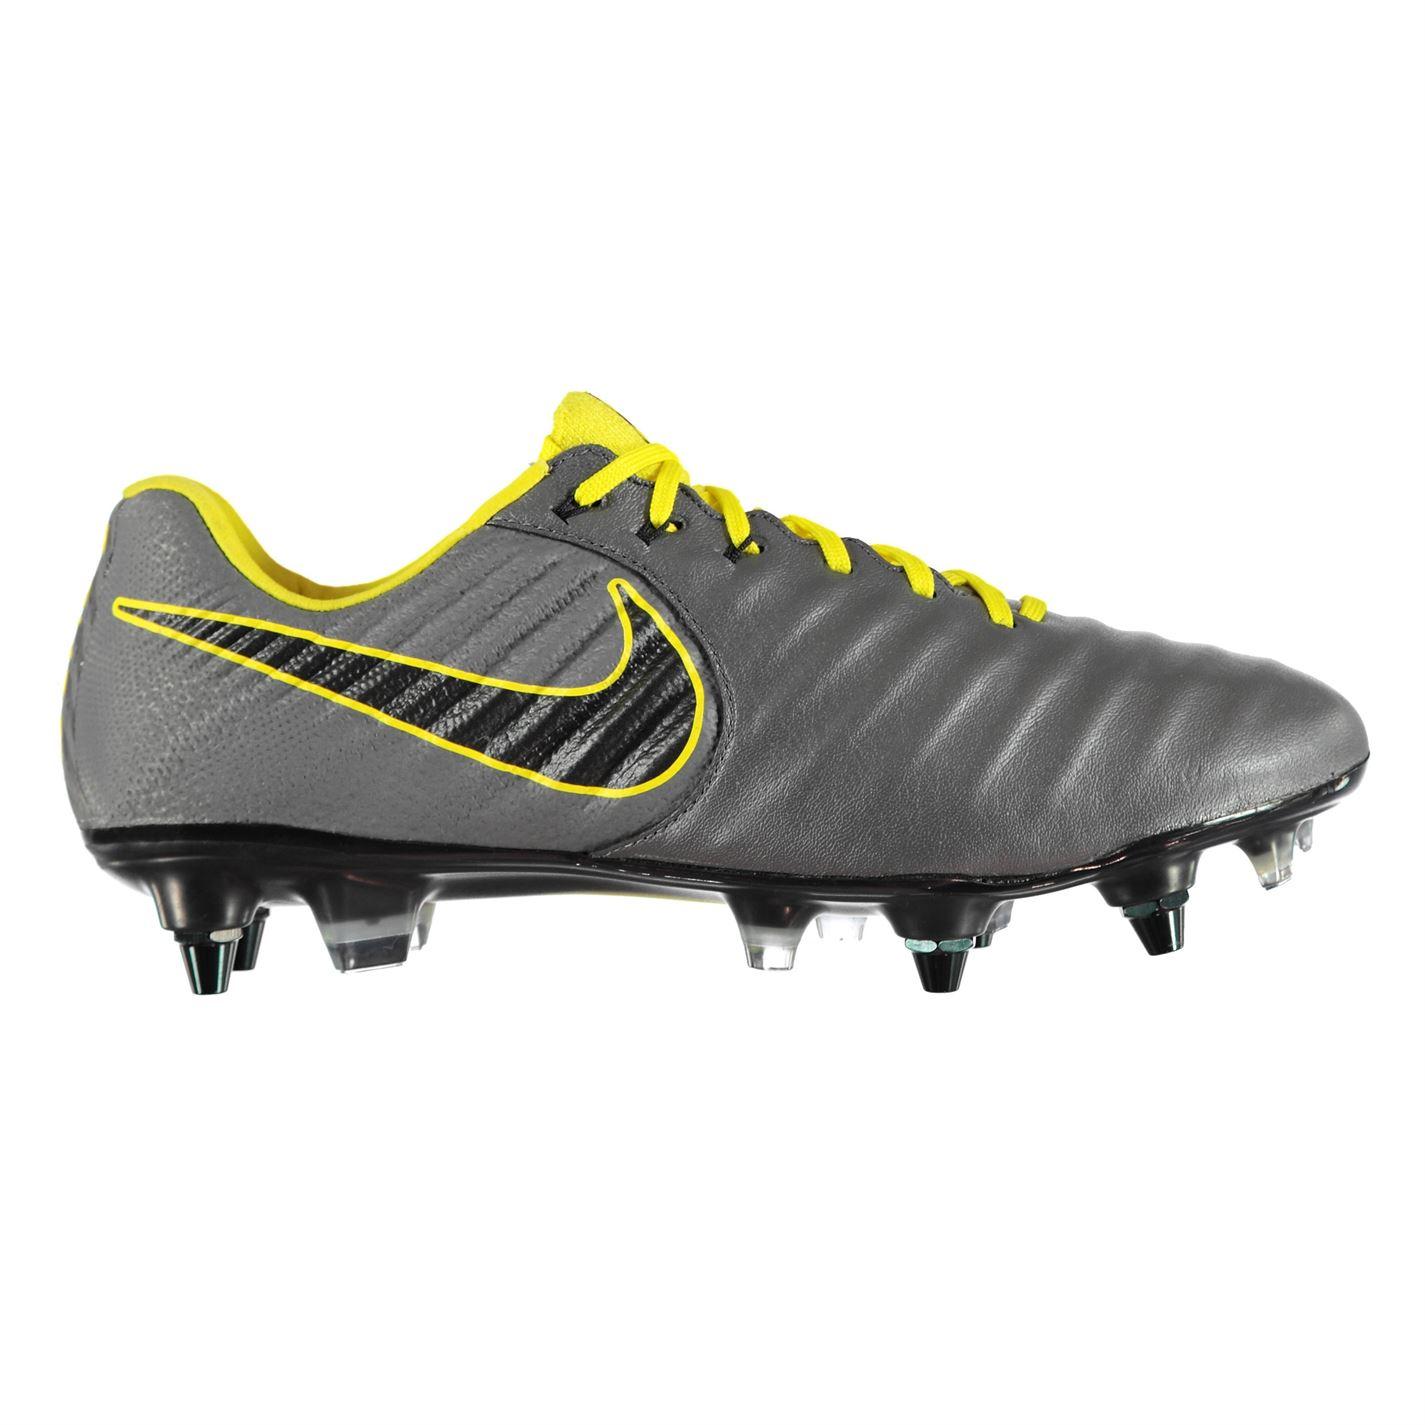 941cbbd2a kopačky Nike Tiempo Elite SG pánské